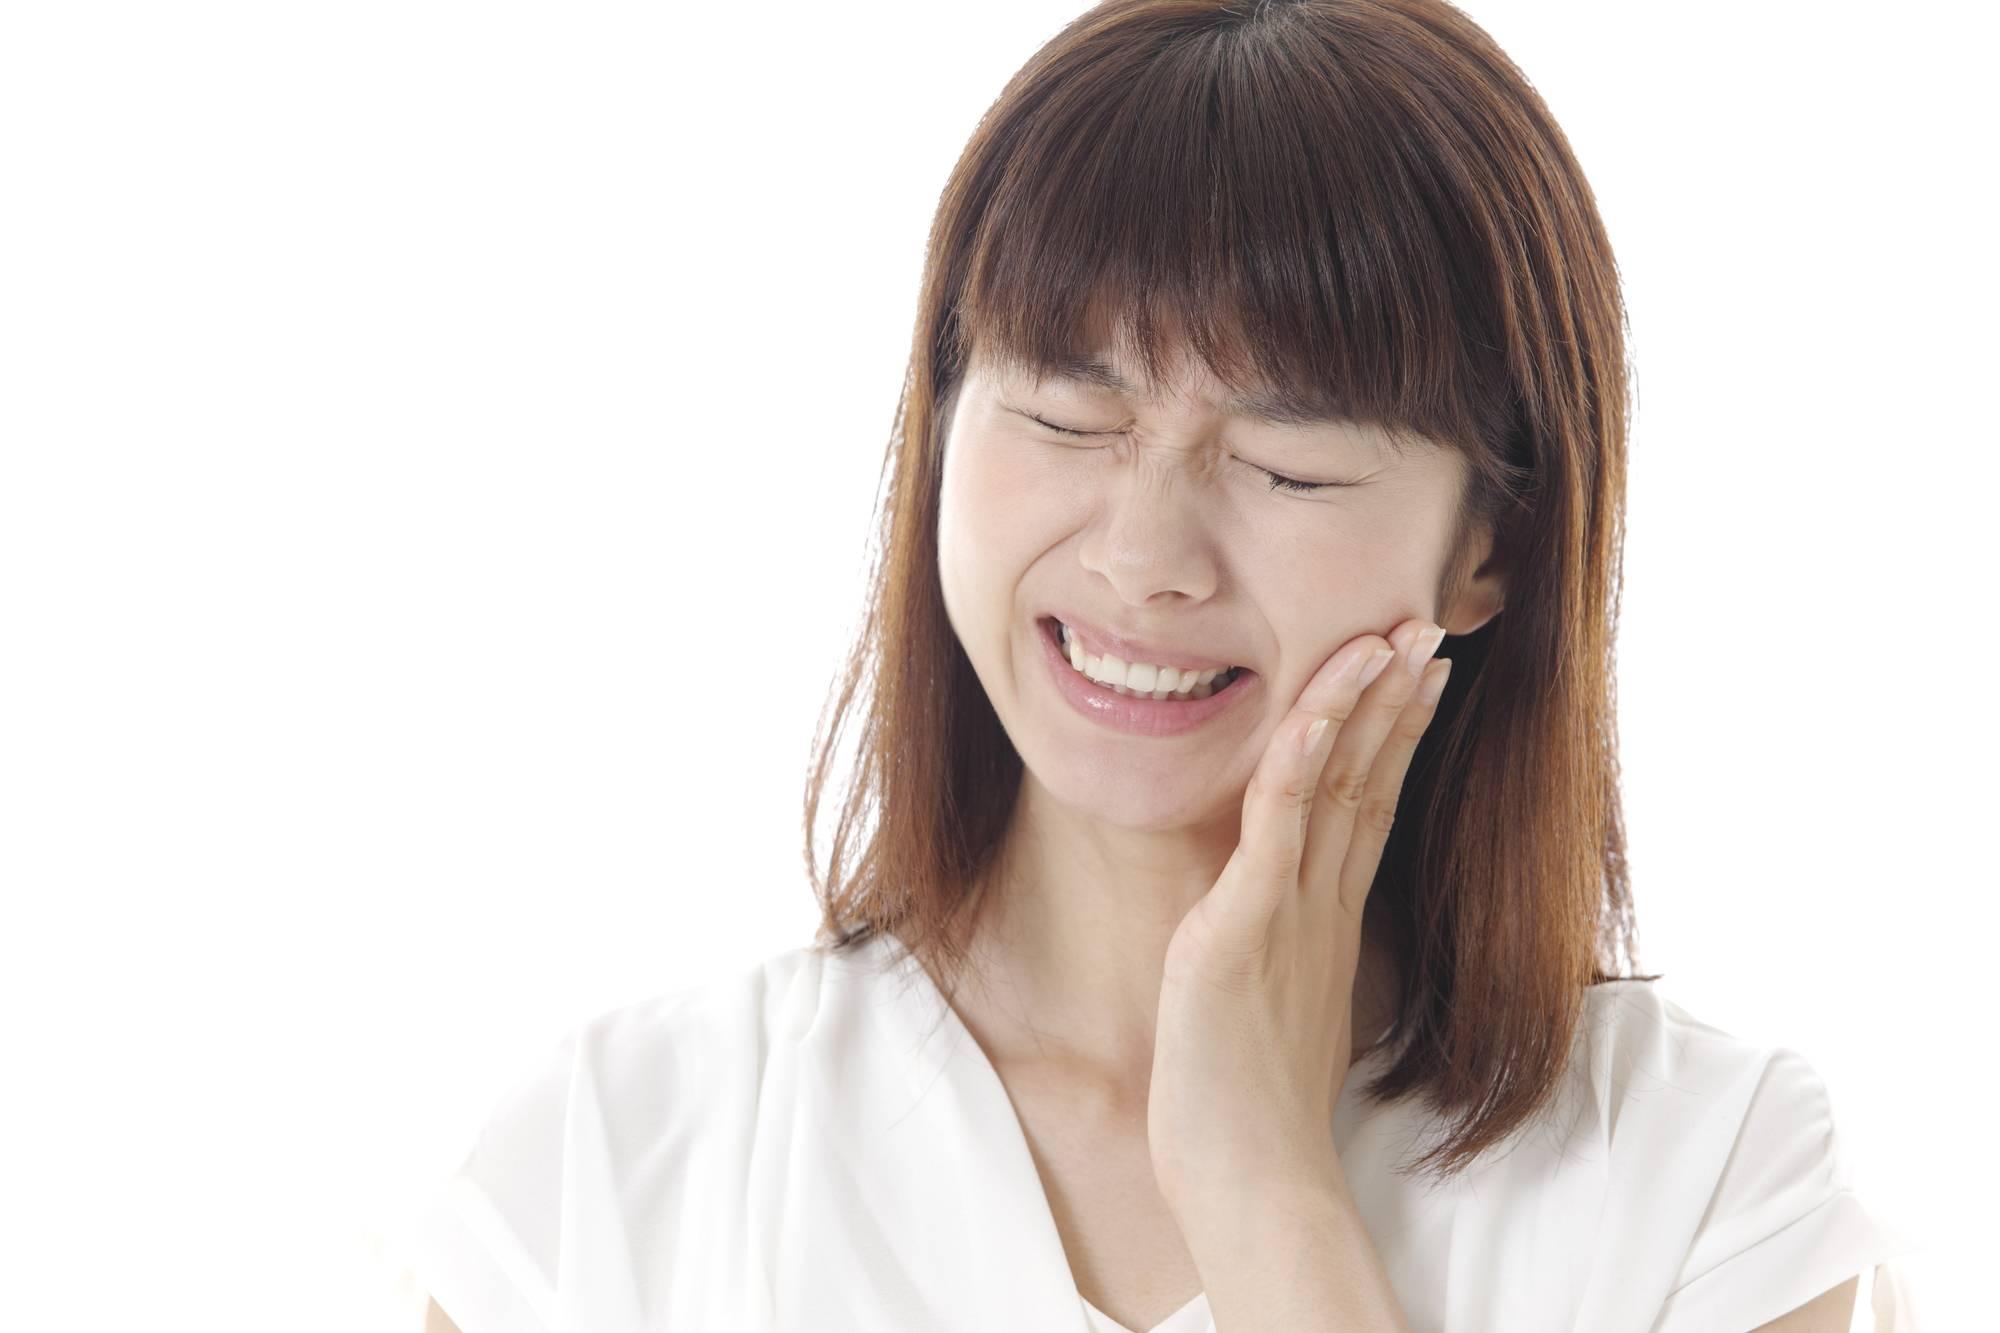 顎に激痛が走る女性